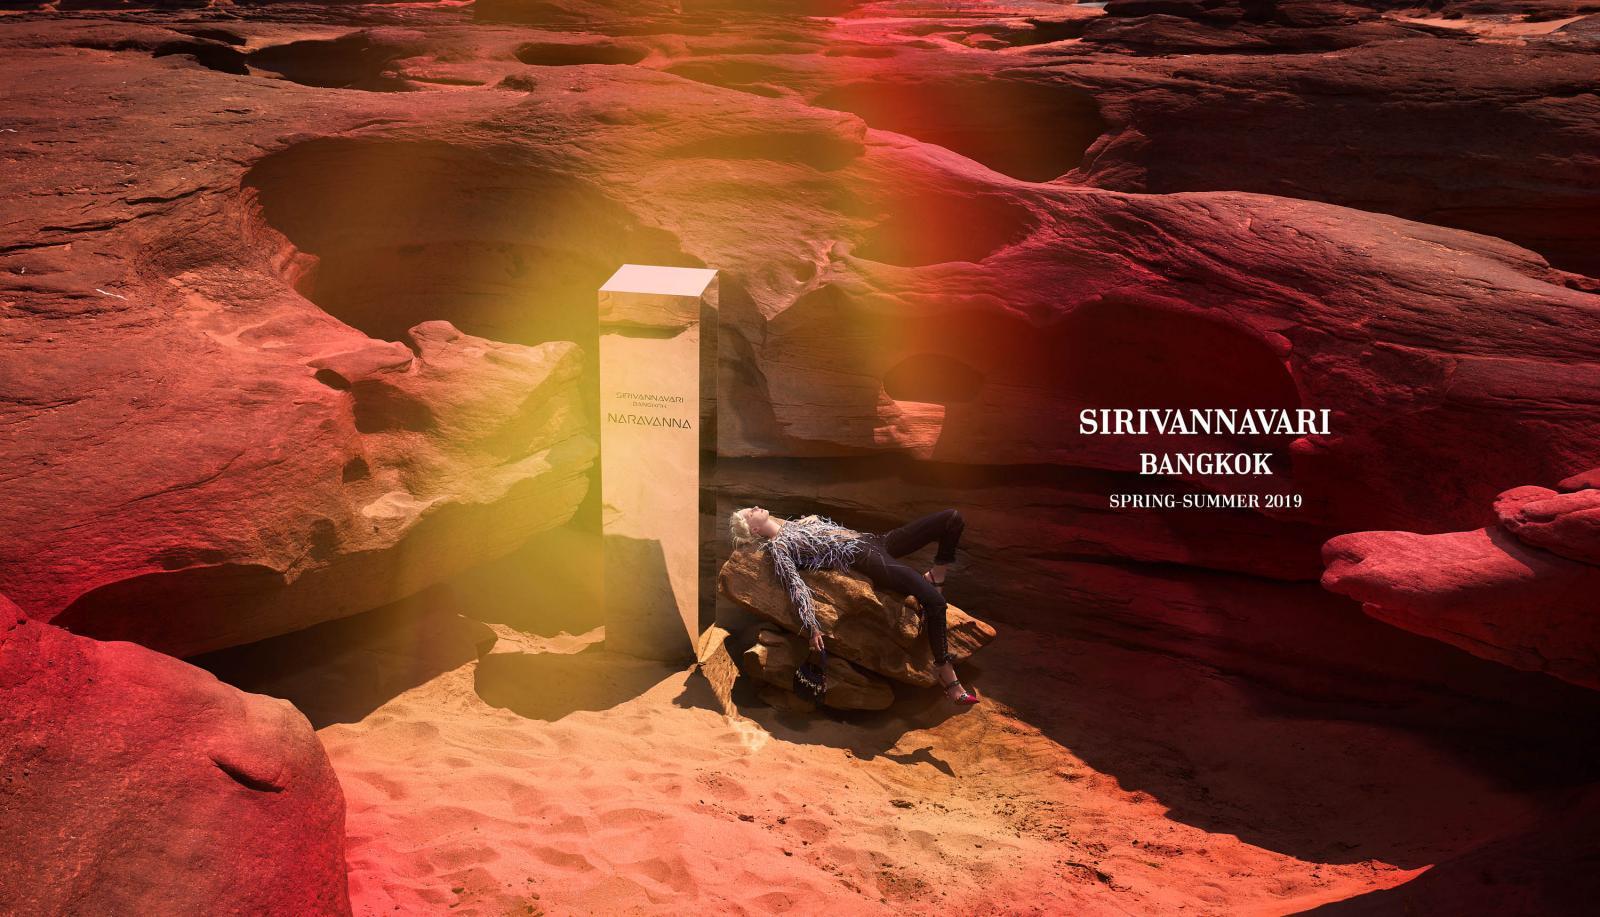 """เตรียมพบกับแฟชั่นโชว์เปิดตัวคอลเลคชั่นทรงออกแบบสปริง/ซัมเมอร์ 2019 โดยพระเจ้าหลานเธอพระองค์เจ้าสิริวัณณวรีนารีรัตน์ภายใต้แบรนด์ """"SIRIVANNAVARI"""""""